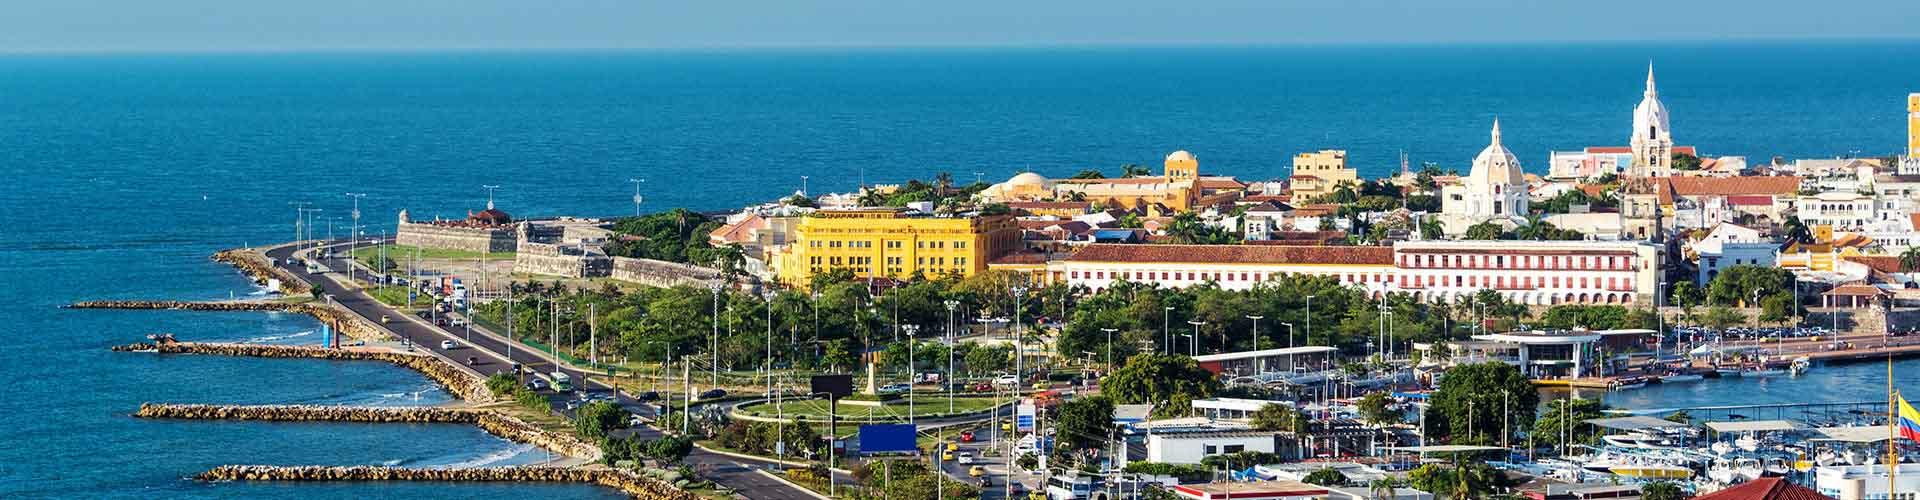 Cartagena de Indias - Ifjúsági Szállások Cartagena de Indiasben. Cartagena de Indias térképek, fotók és ajánlások minden egyes ifjúsági szállásokra Cartagena de Indias-ben.